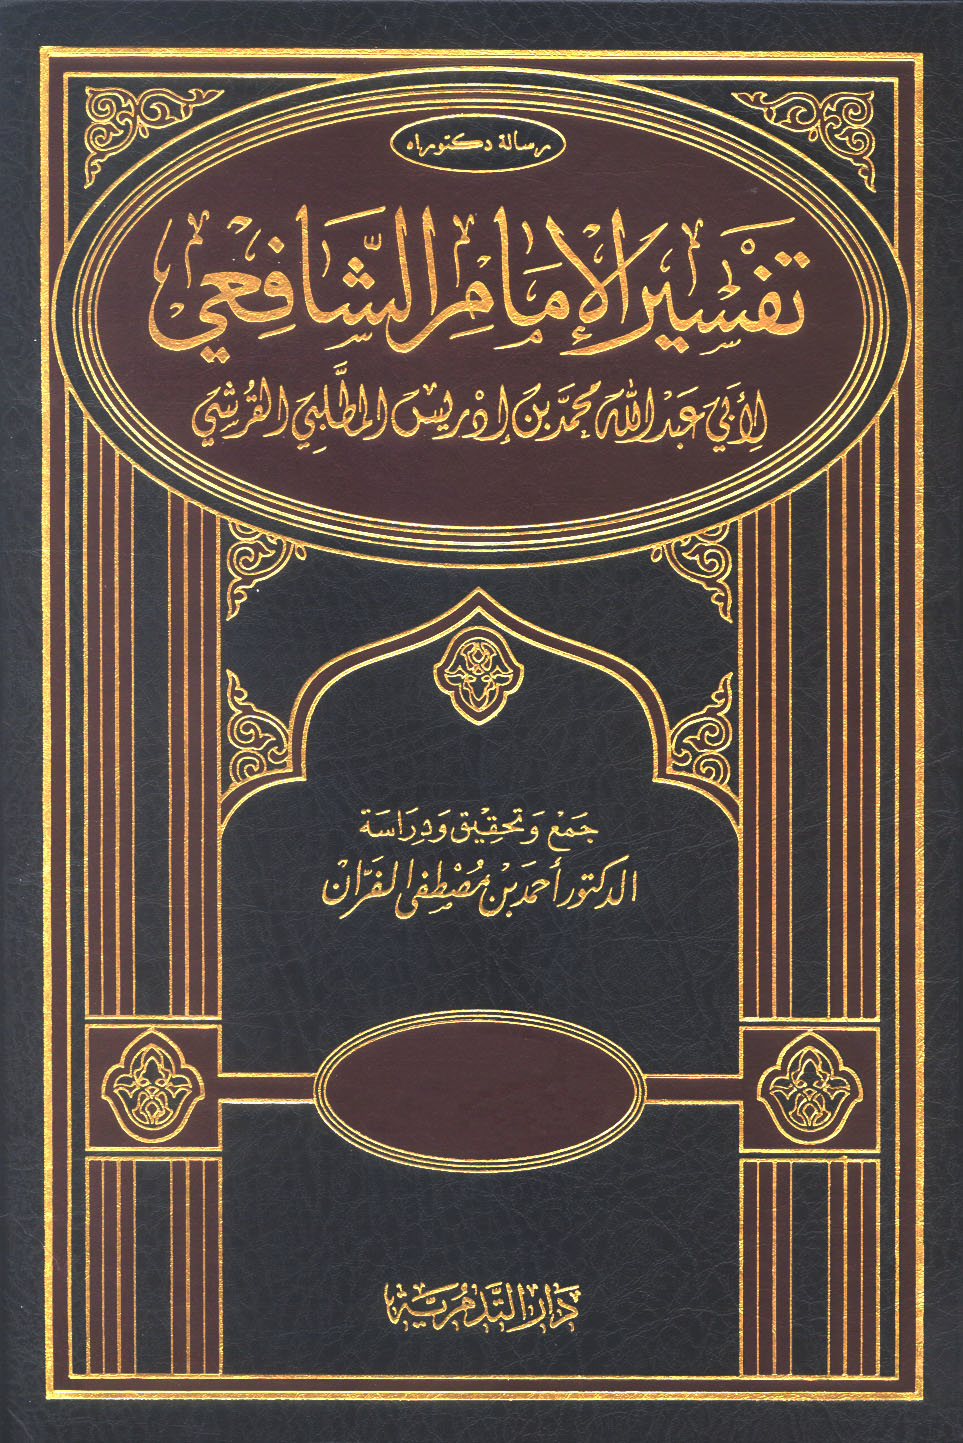 تفسير الإمام الشافعي - أحمد بن مصطفى الفران